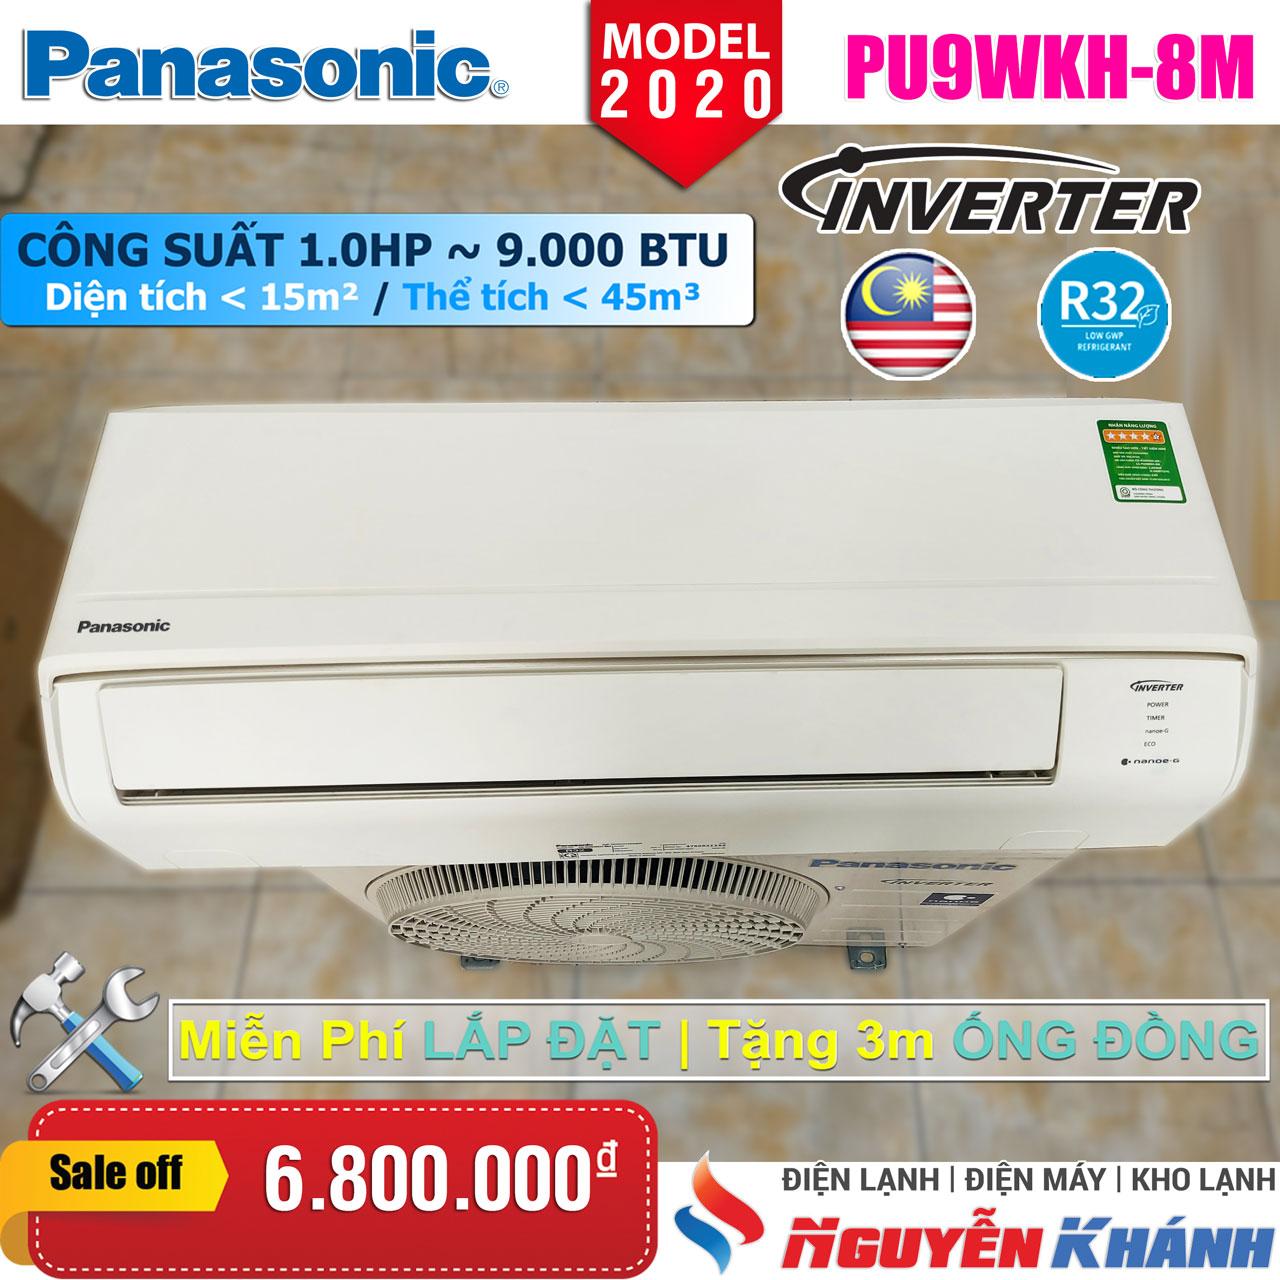 Máy lạnh Panasonic Inverter CU/CS-PU9WKH-8M (1.0Hp)